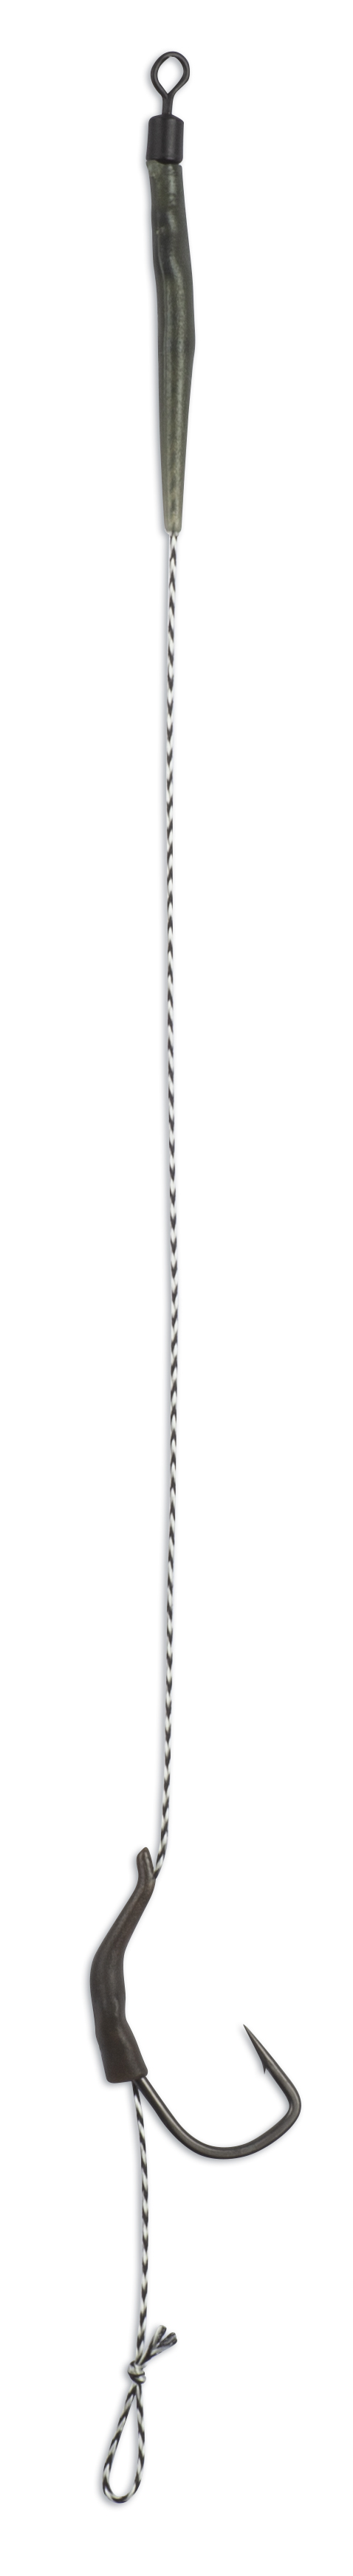 Nadväzec Anaconda Piercer Line Aligner Rig Angle 90 TGX s protihrotom č.8